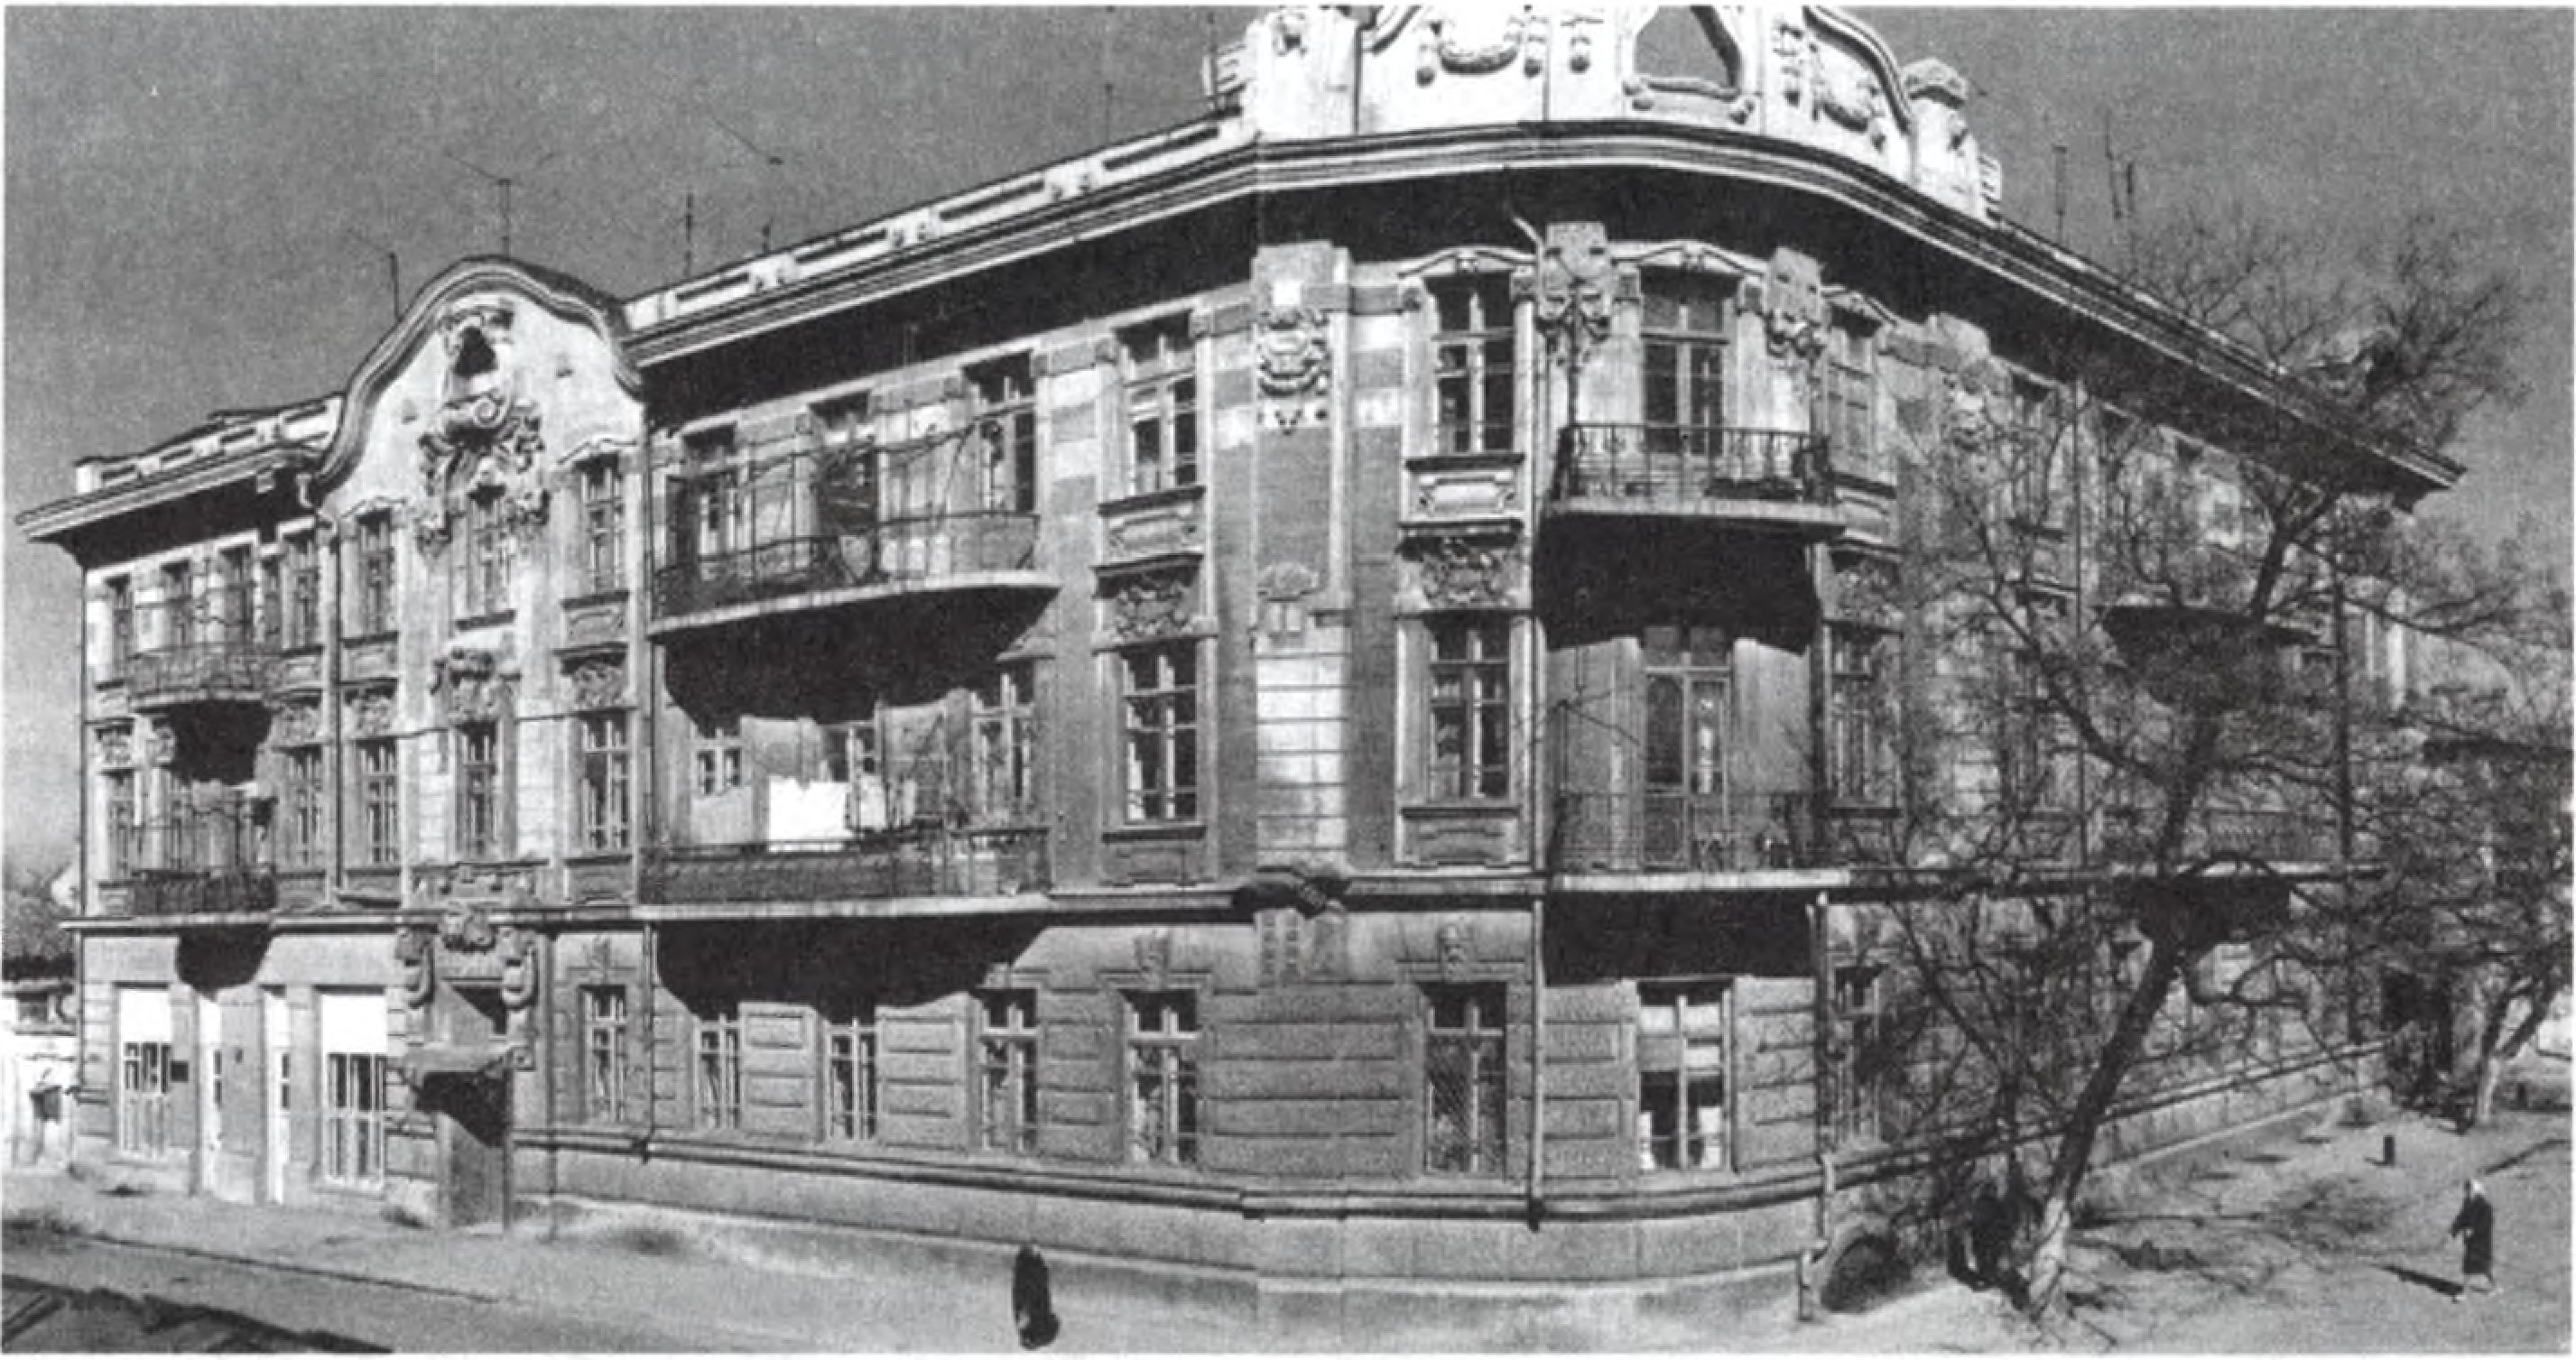 Доходный дом С.Э. Дувана. Архитектор П.Л. Сеферов. 1907—1908 гг. Снимок 1975 г.